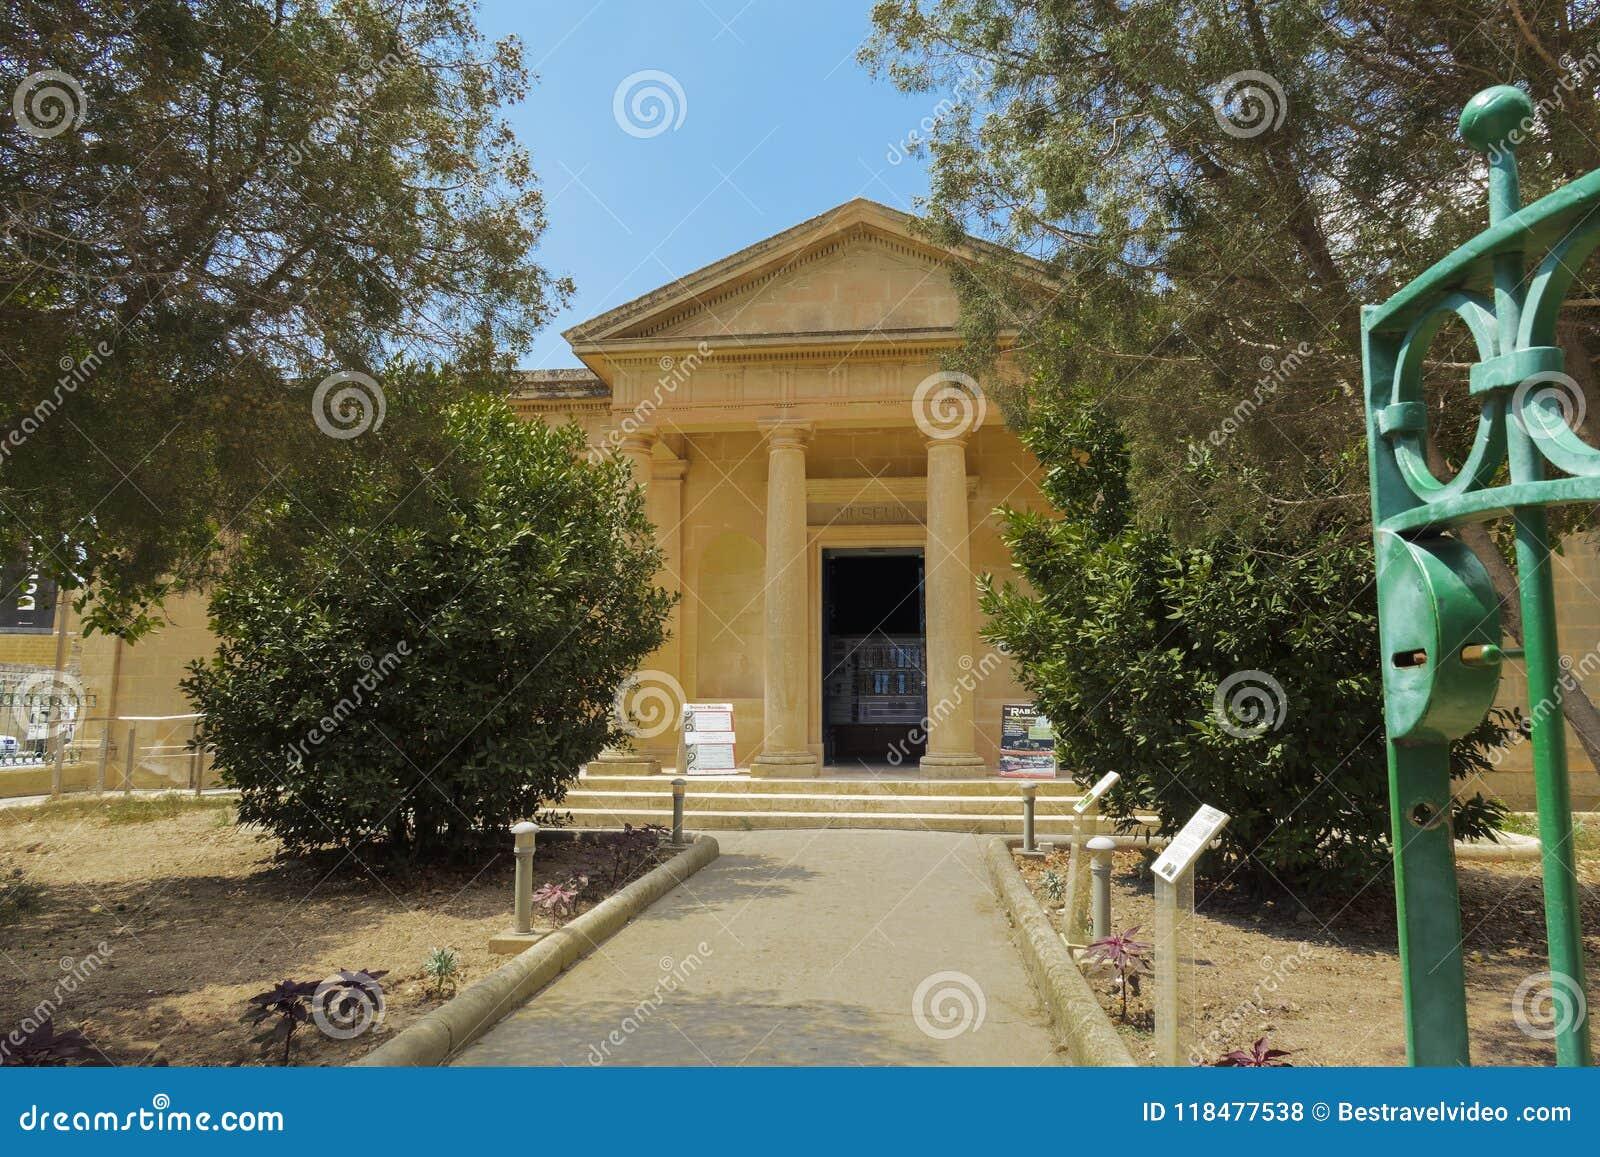 Mdina Rabat, Malta - 4. August 2016: Museumsfassade Domvs Romana Tagesansicht des Eingangs Haus-Museumsesprit der römischen Ruine